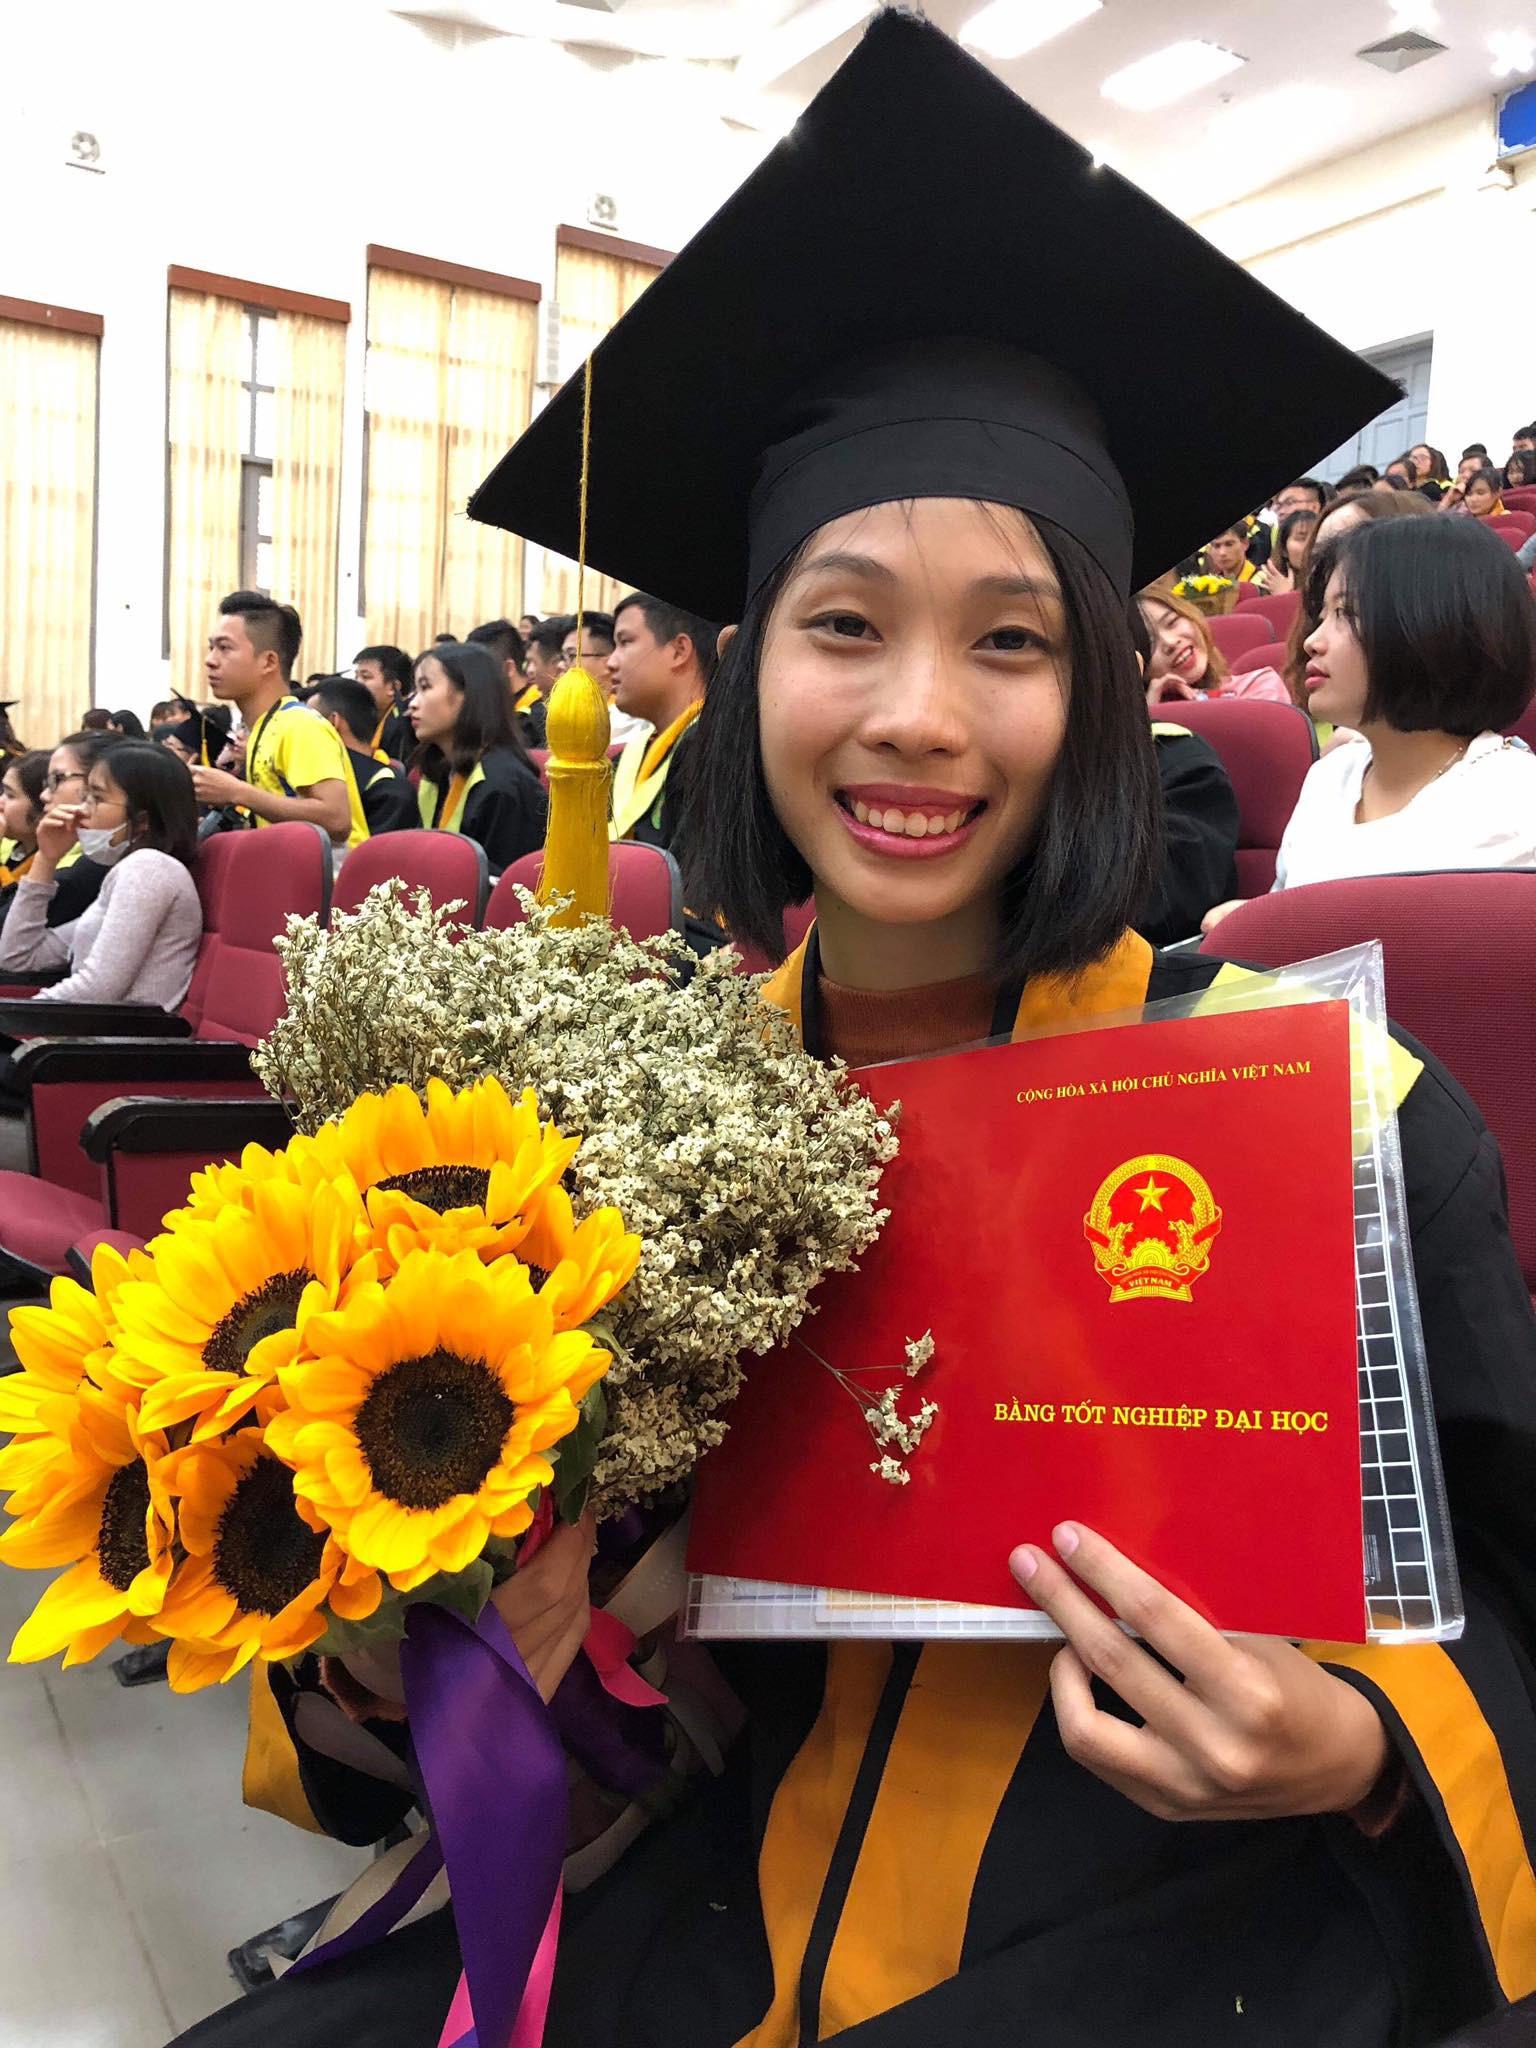 Cô gái ung thư 22 tuổi từng diễn vai về chính cuộc đời mình bật khóc ngày nhận bằng tốt nghiệp: Ước mơ của mình đã thành hiện thực rồi - Ảnh 5.